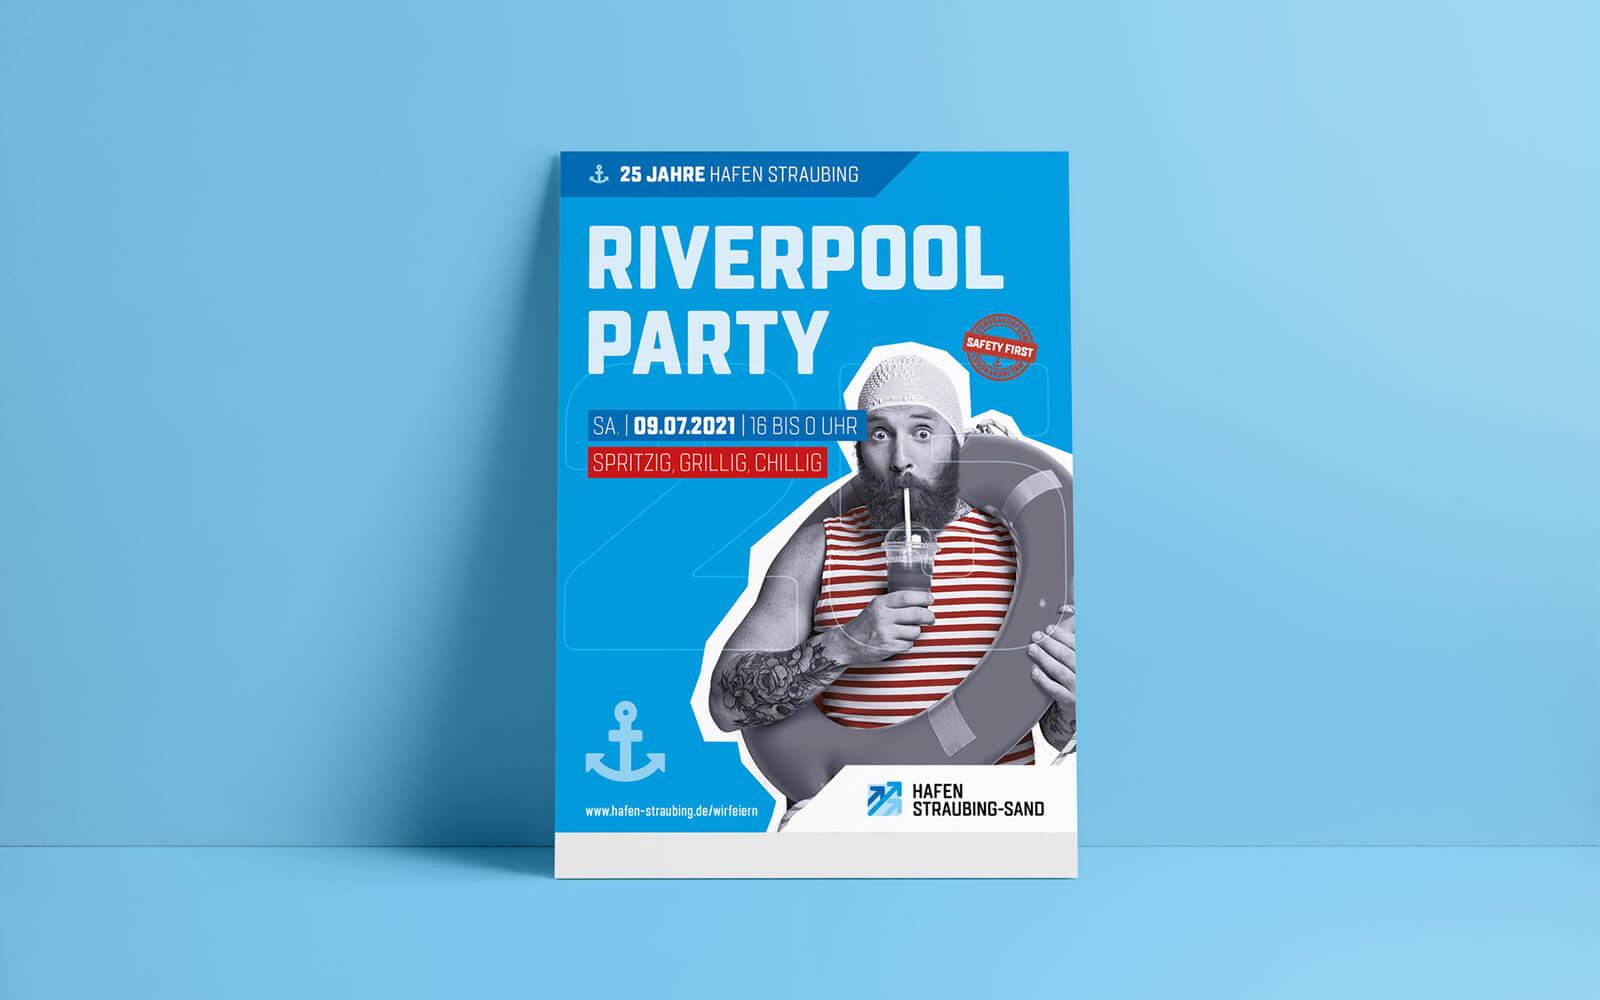 25 Jahre Hafen Straubing-Sand – Plakat Riverpool Party